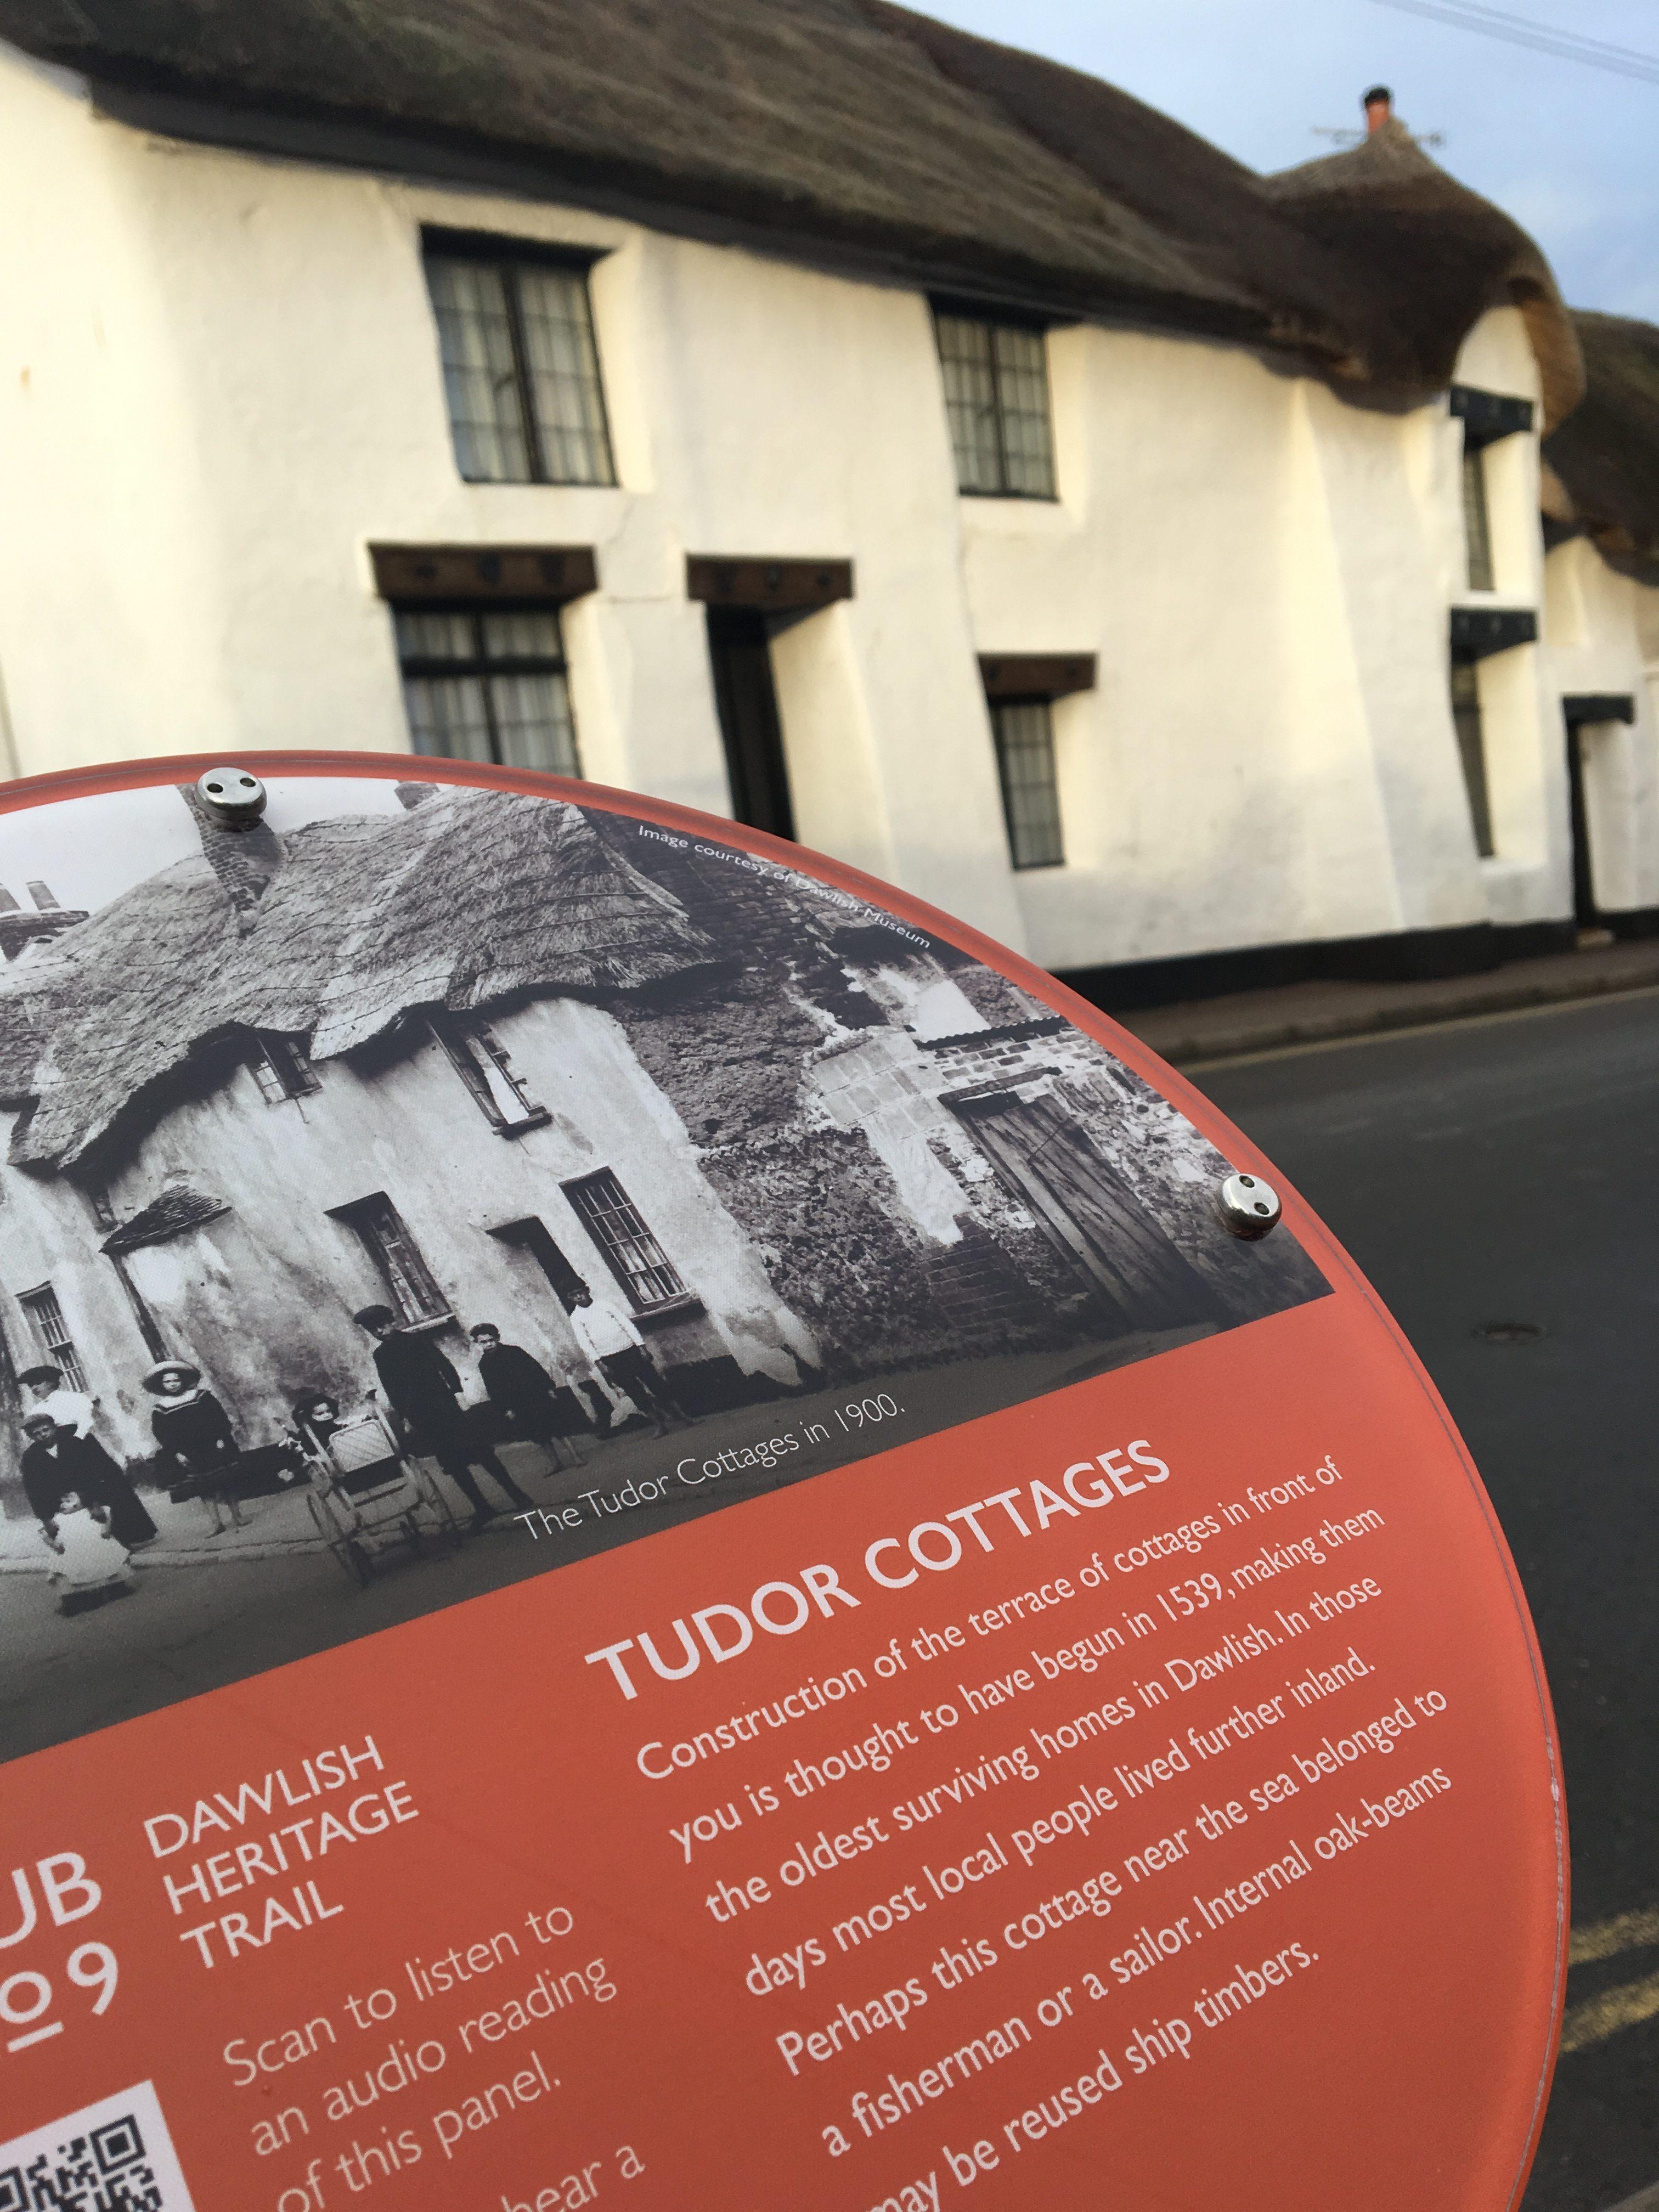 Tudor Cottages Plaque image